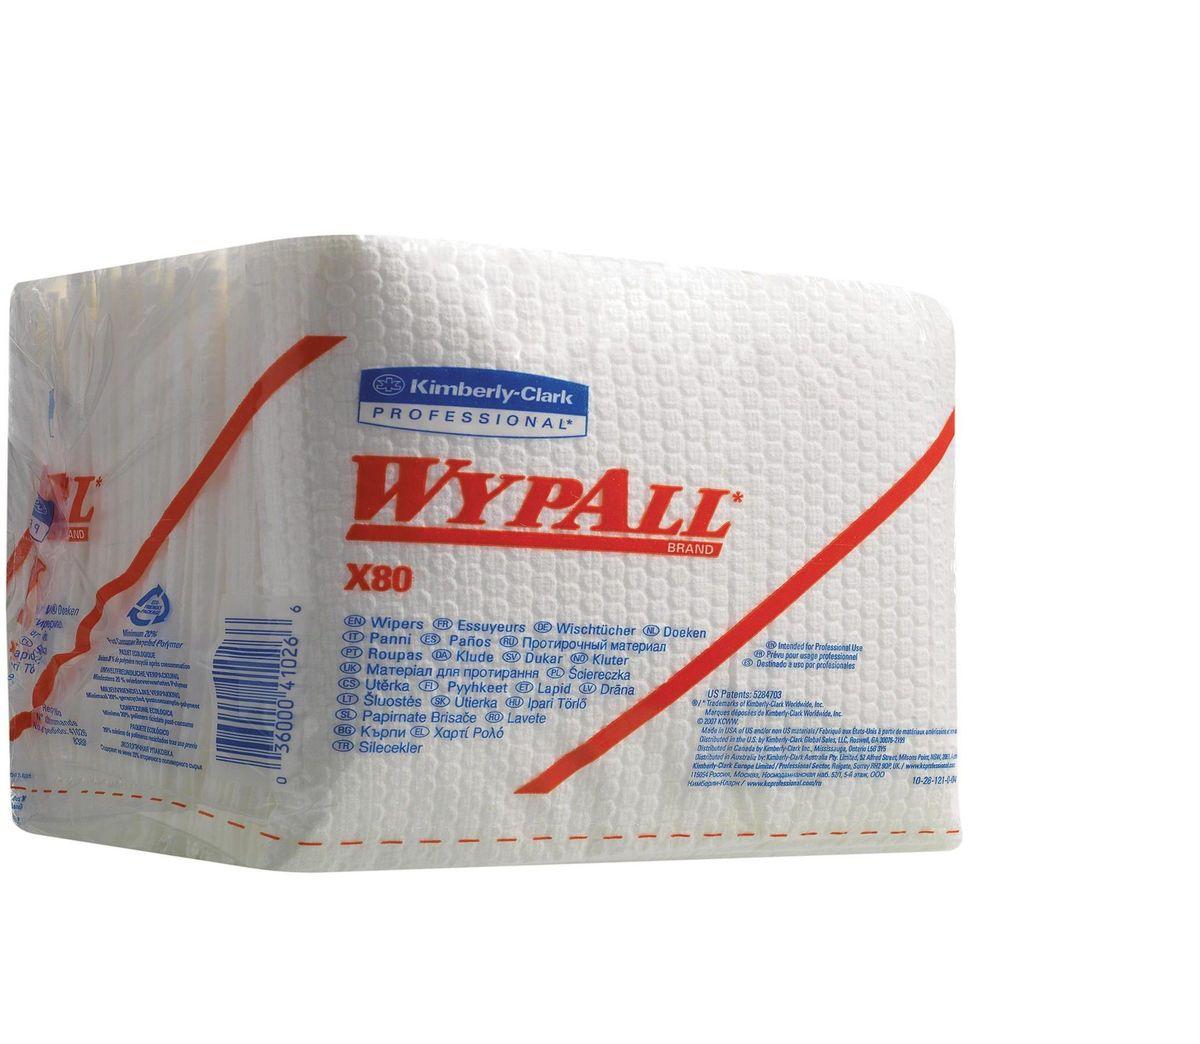 Салфетки бумажные Wypall Х80, 50 шт. 83888388Бумажные салфетки Wypall Х80, изготовленные из целлюлозы и синтетики, обладают отличной впитывающей способностью, долговечностью и прочностью, как в сухом, так и во влажном состоянии. Салфетки могут использоваться с большинством растворителей, обеспечивают быструю очистку и помогают сократить расходы. Подходят для работы по очистке от клея, масла, мусора, стекол, а также для прецизионной очистки сложных механизмов и деталей. Салфетки Wypall Х80 могут использоваться с переносными или стационарными диспенсерами для контроля расхода продукта и уменьшения объема отходов.